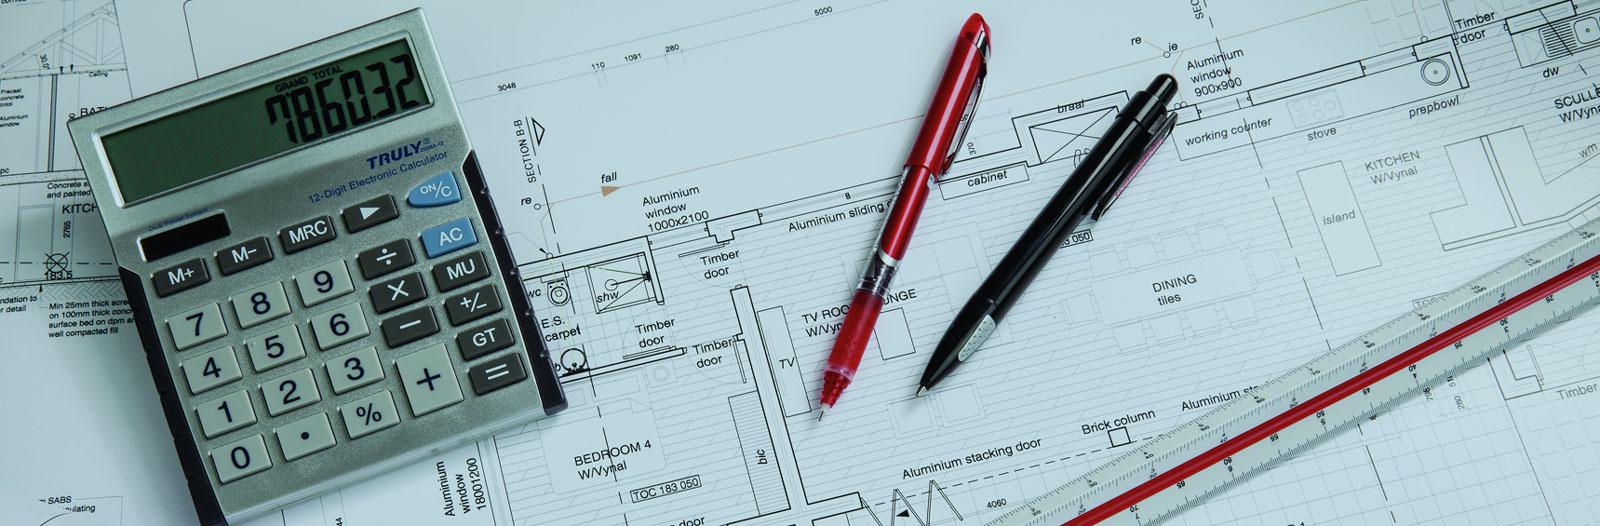 Bouwkostenmanagement | Oostelbos Van den Berg